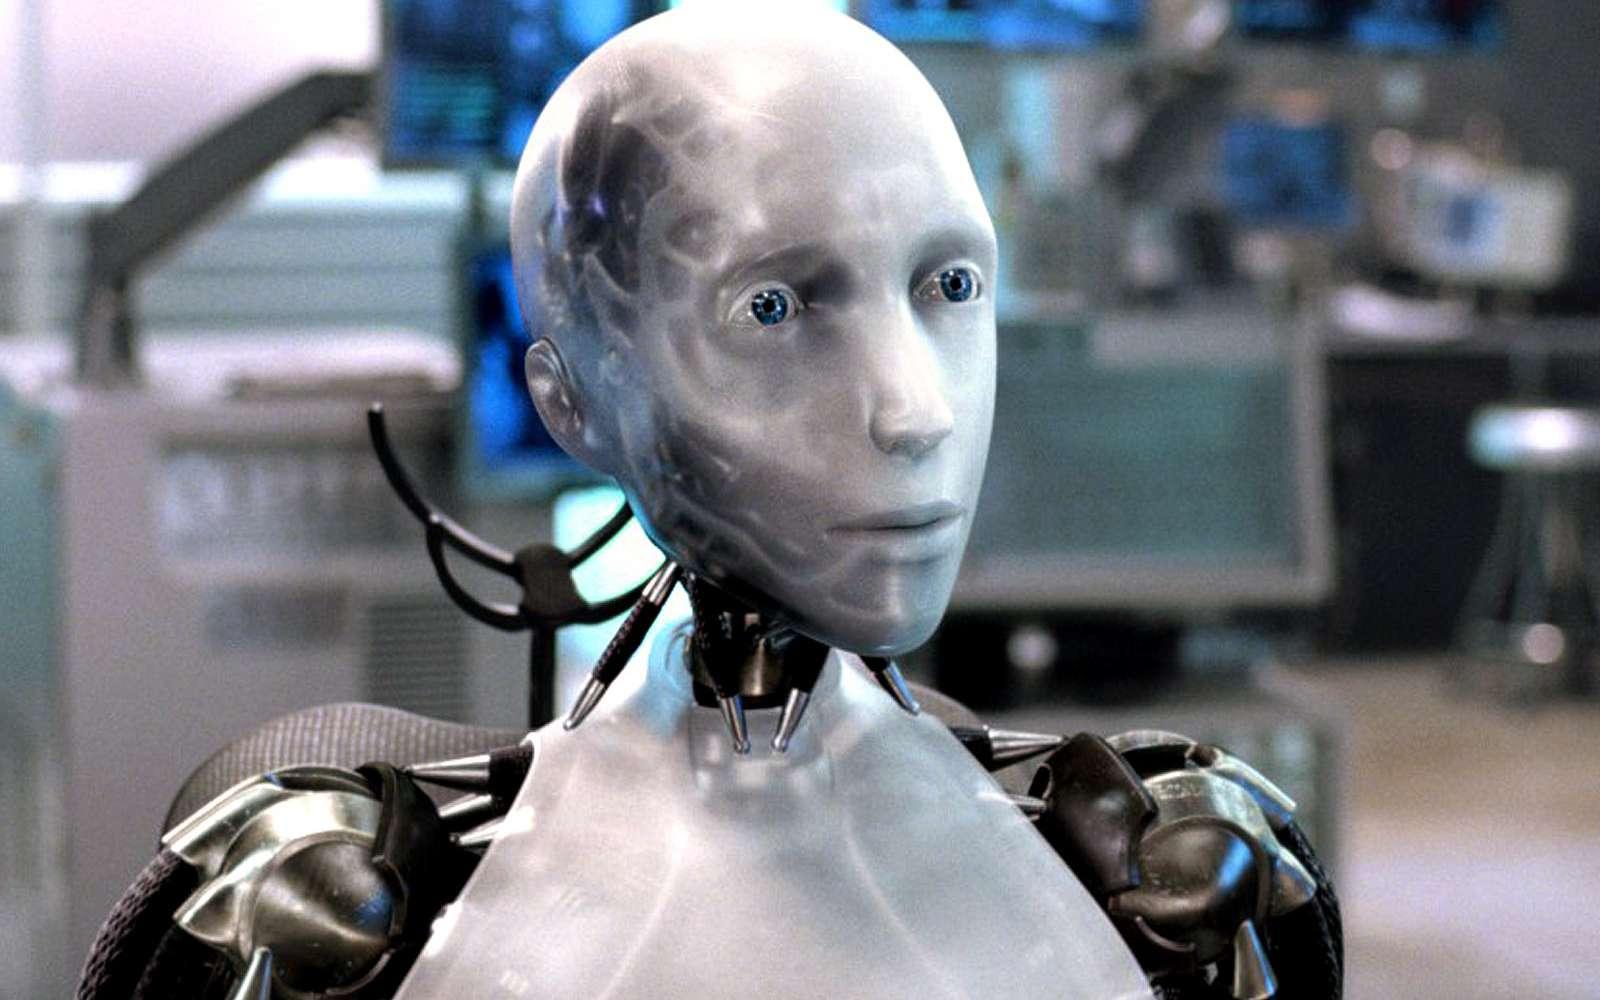 Le film I, Robot est inspiré des nouvelles d'Isaac Asimov sur les robots, notamment la nouvelle éponyme. © DR